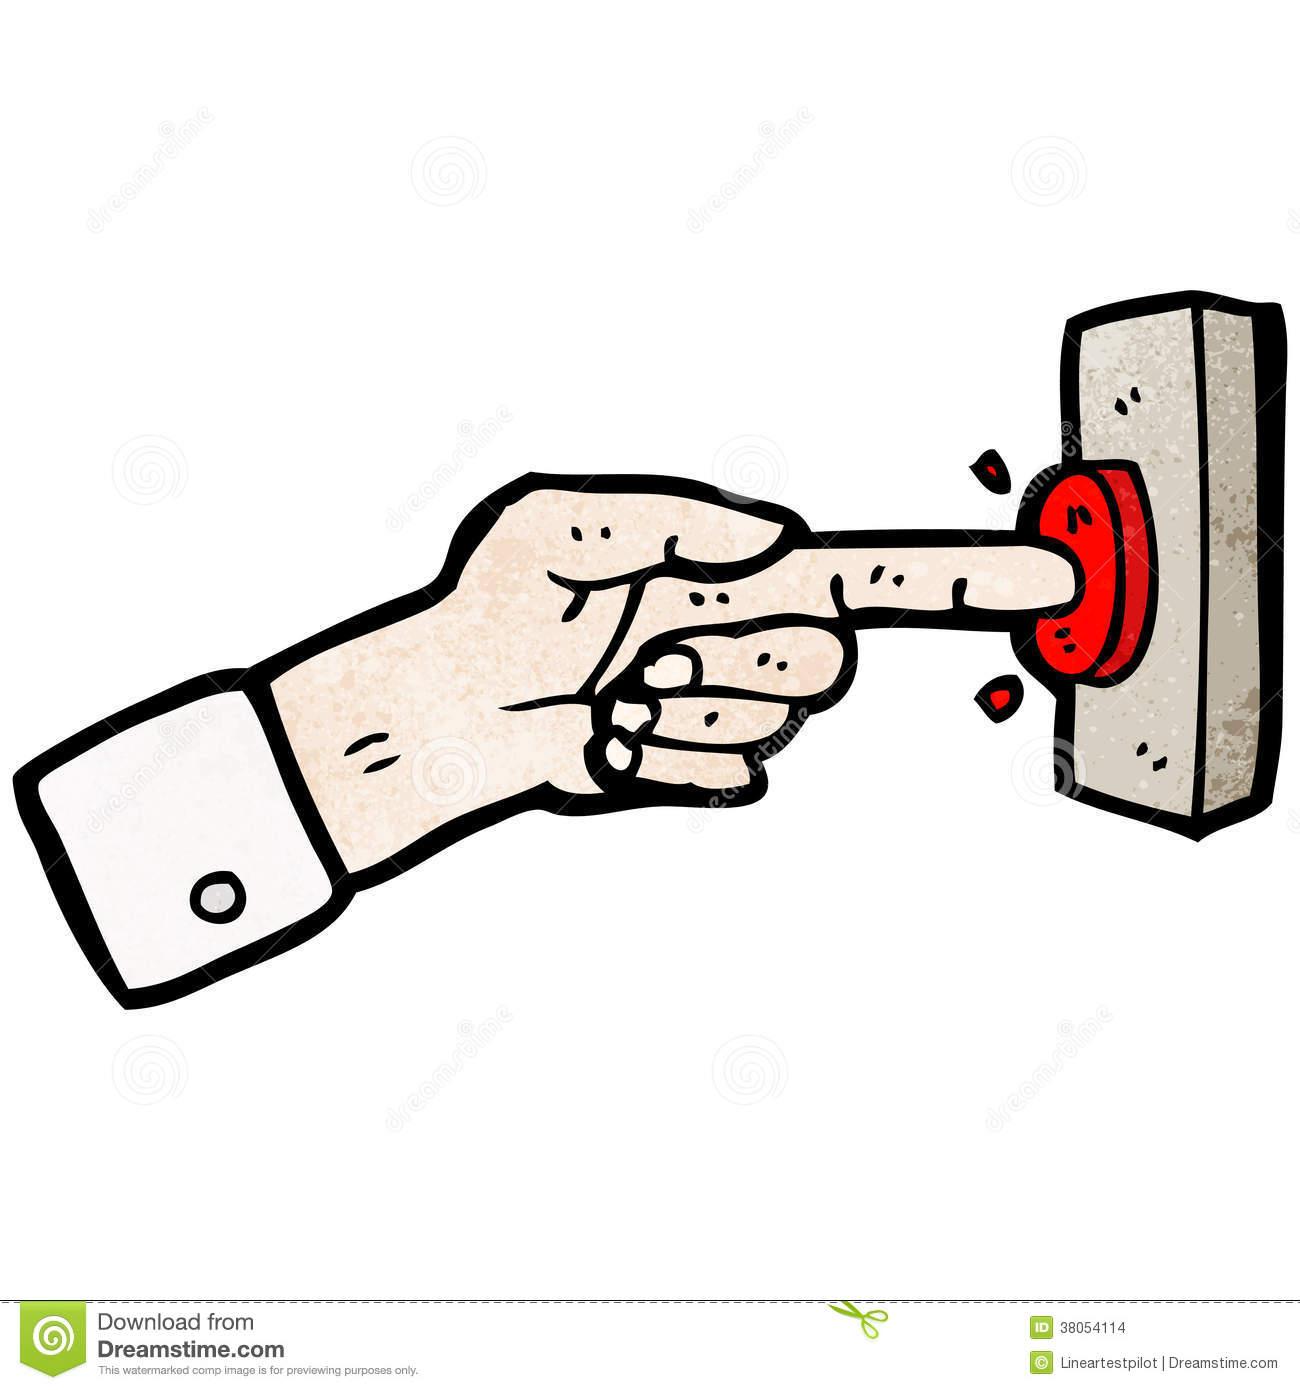 Doorbell Clipart | Free download best Doorbell Clipart on ClipArtMag com